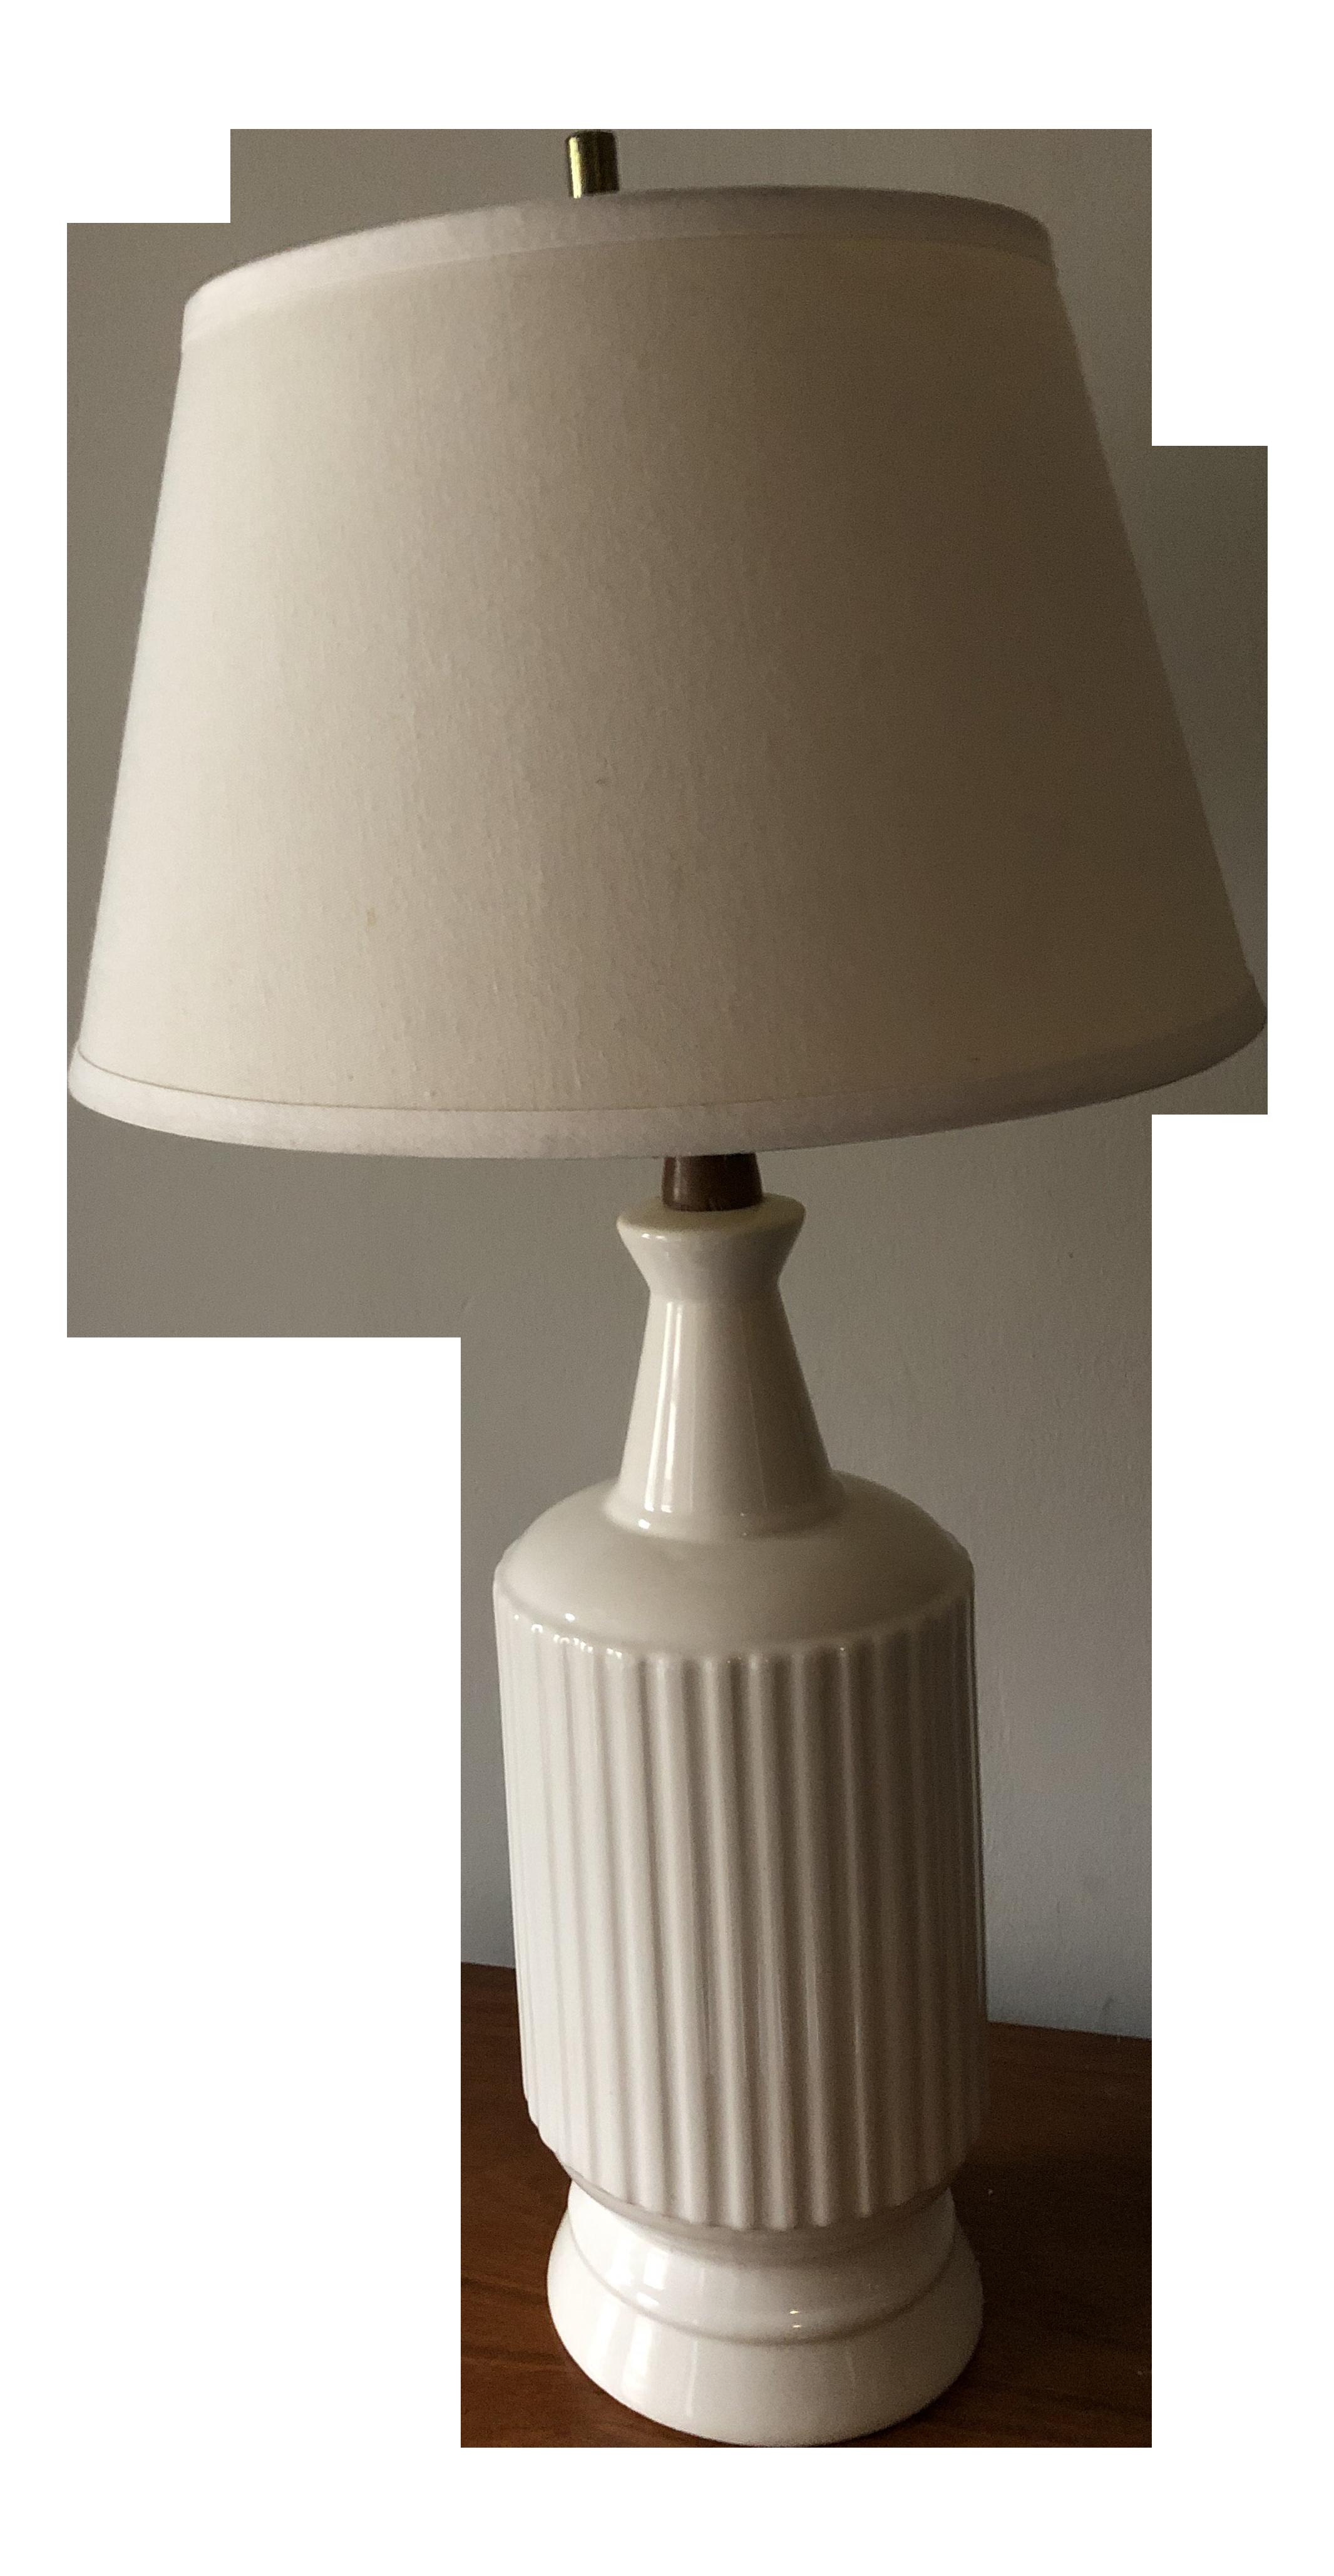 Danish Mid Century Modern Ceramic And Teak Table Lamp Chairish